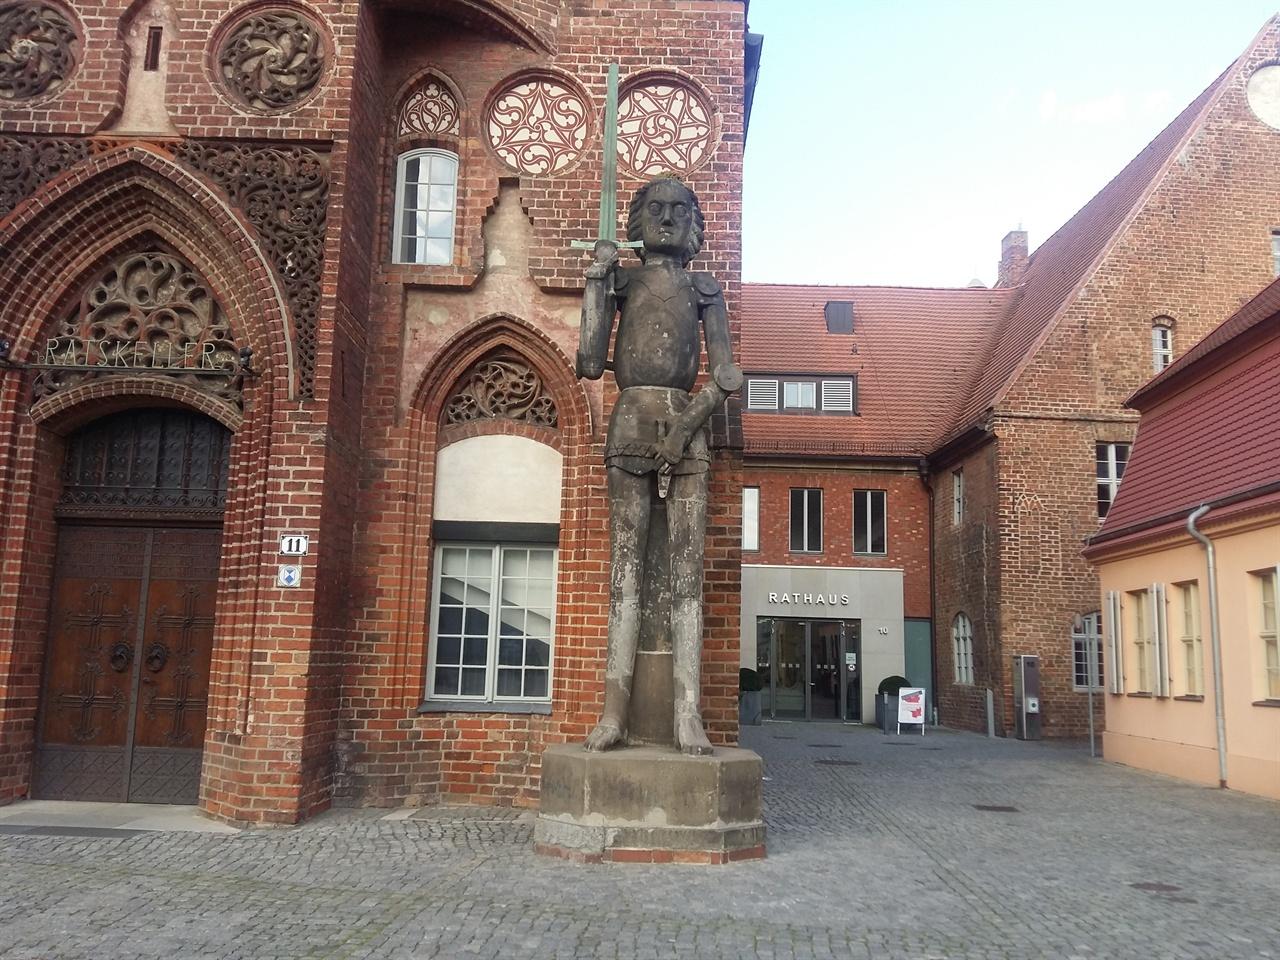 브란텐부르크 도심의 교회 부란덴부르크에는 오래된 교회와 고성의 흔적이 많다.